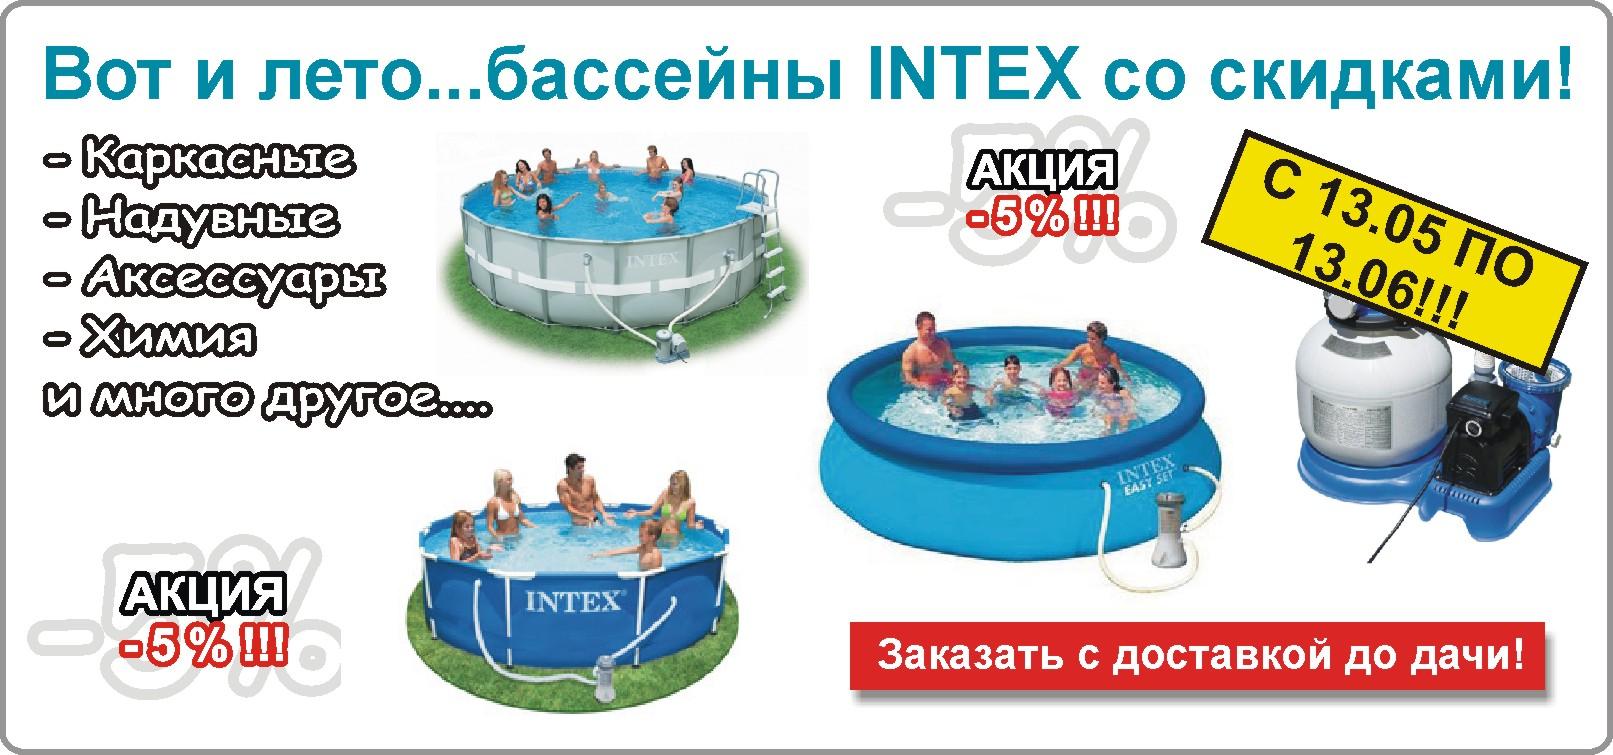 Скидки на бассейны Интекс (Intex)